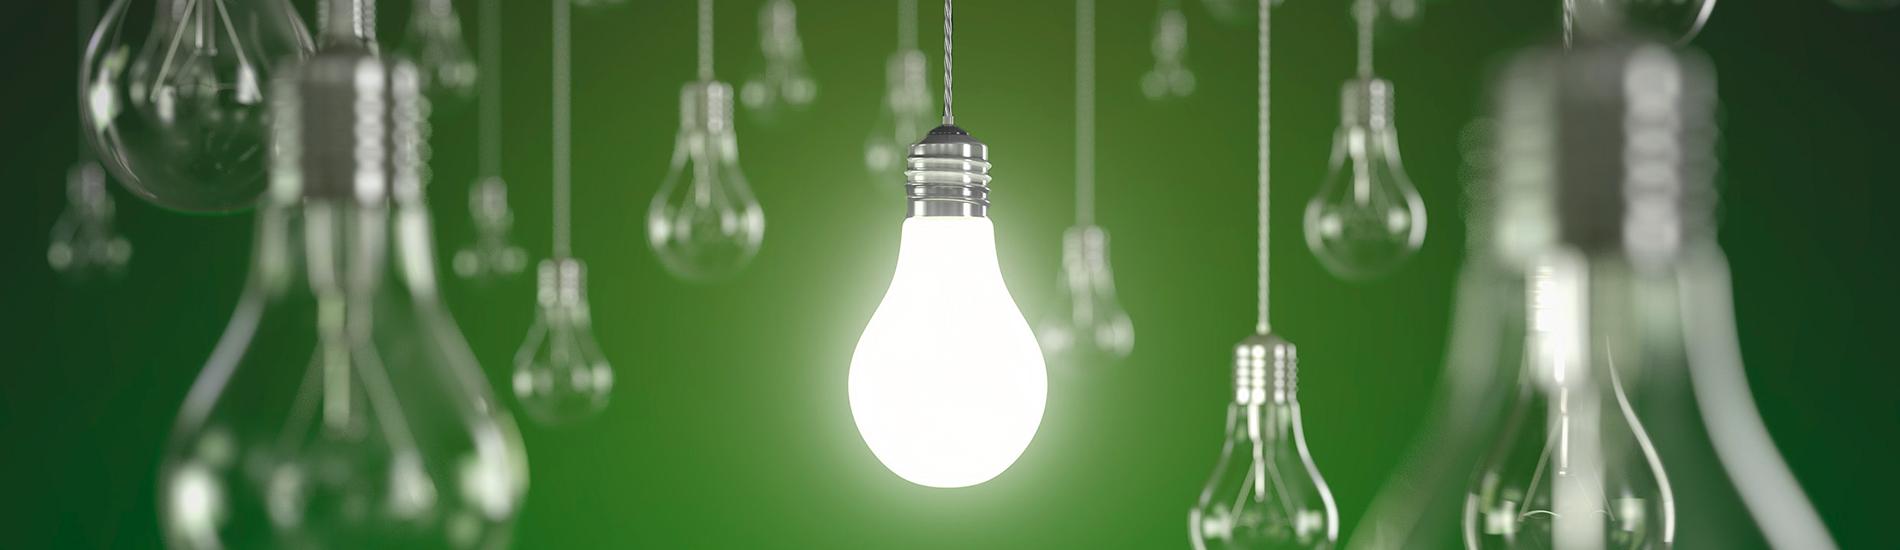 movinet-energia-ahorro-bombillas